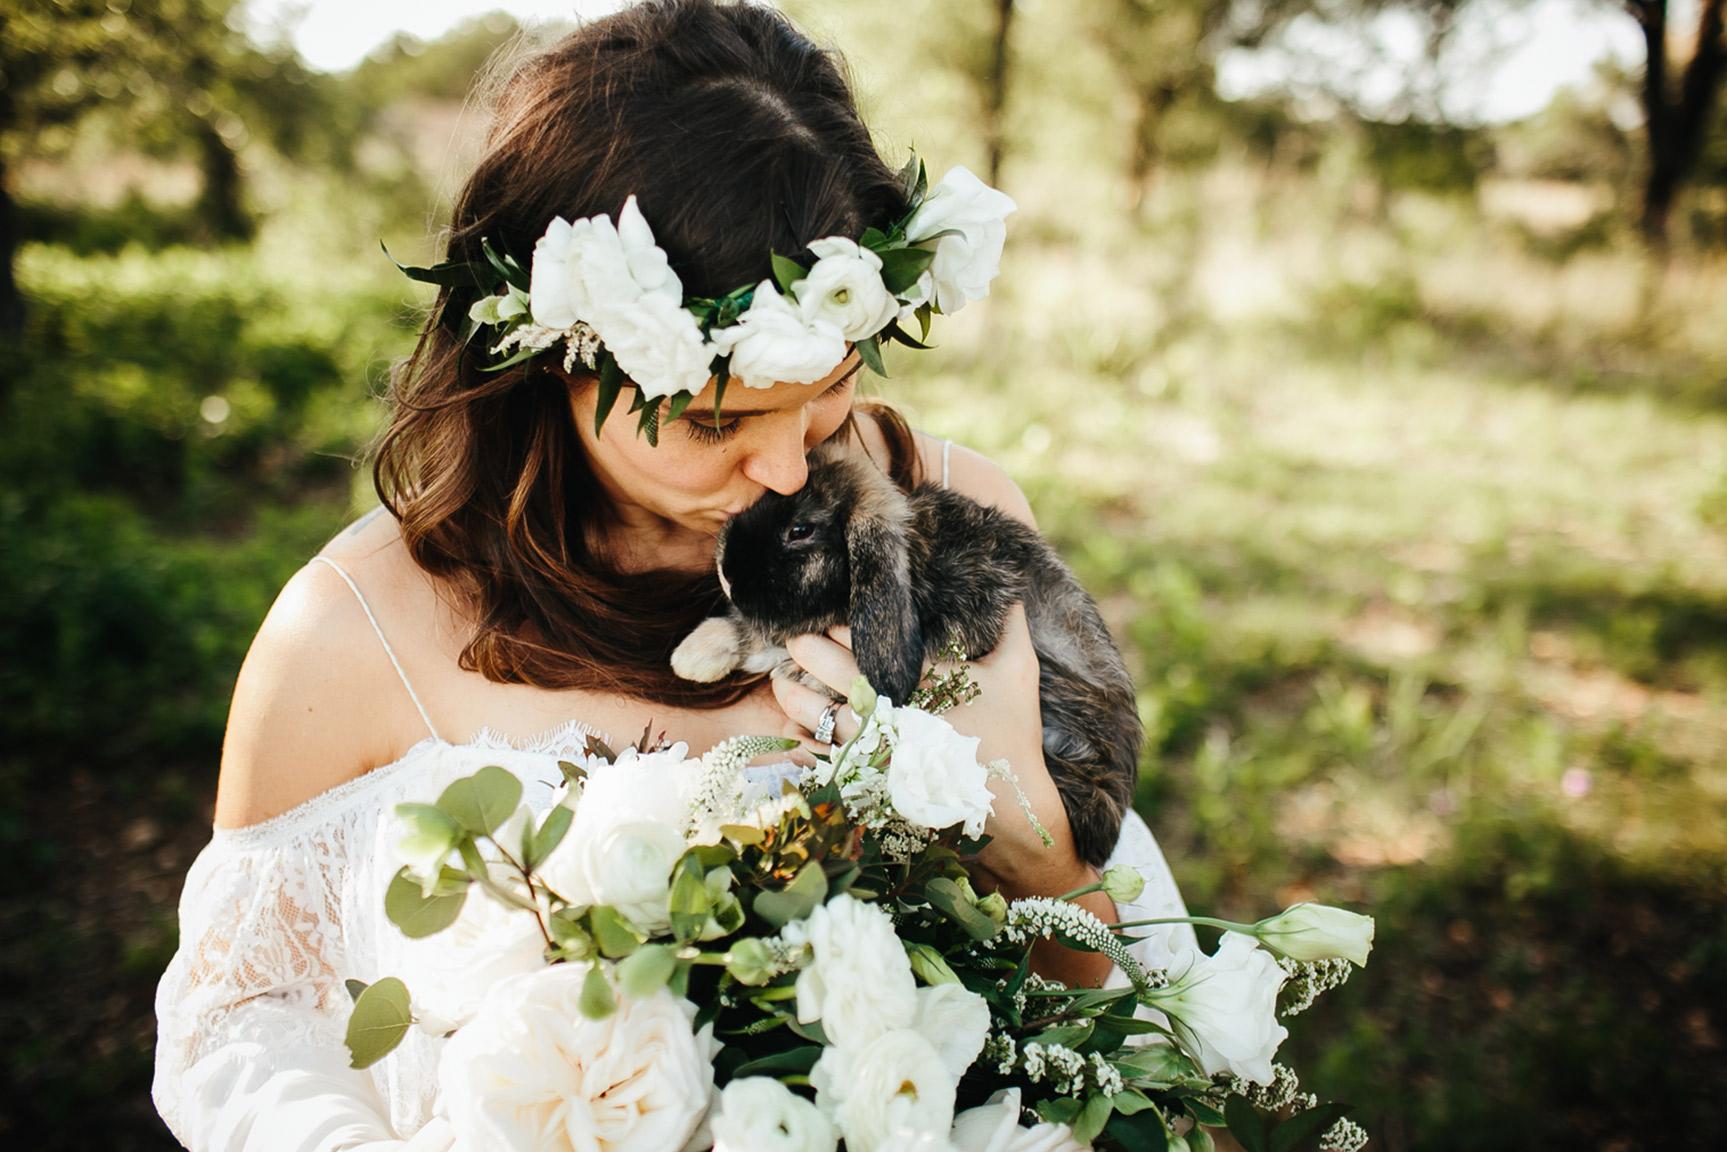 austin_WeddingPhotographer_051.jpg